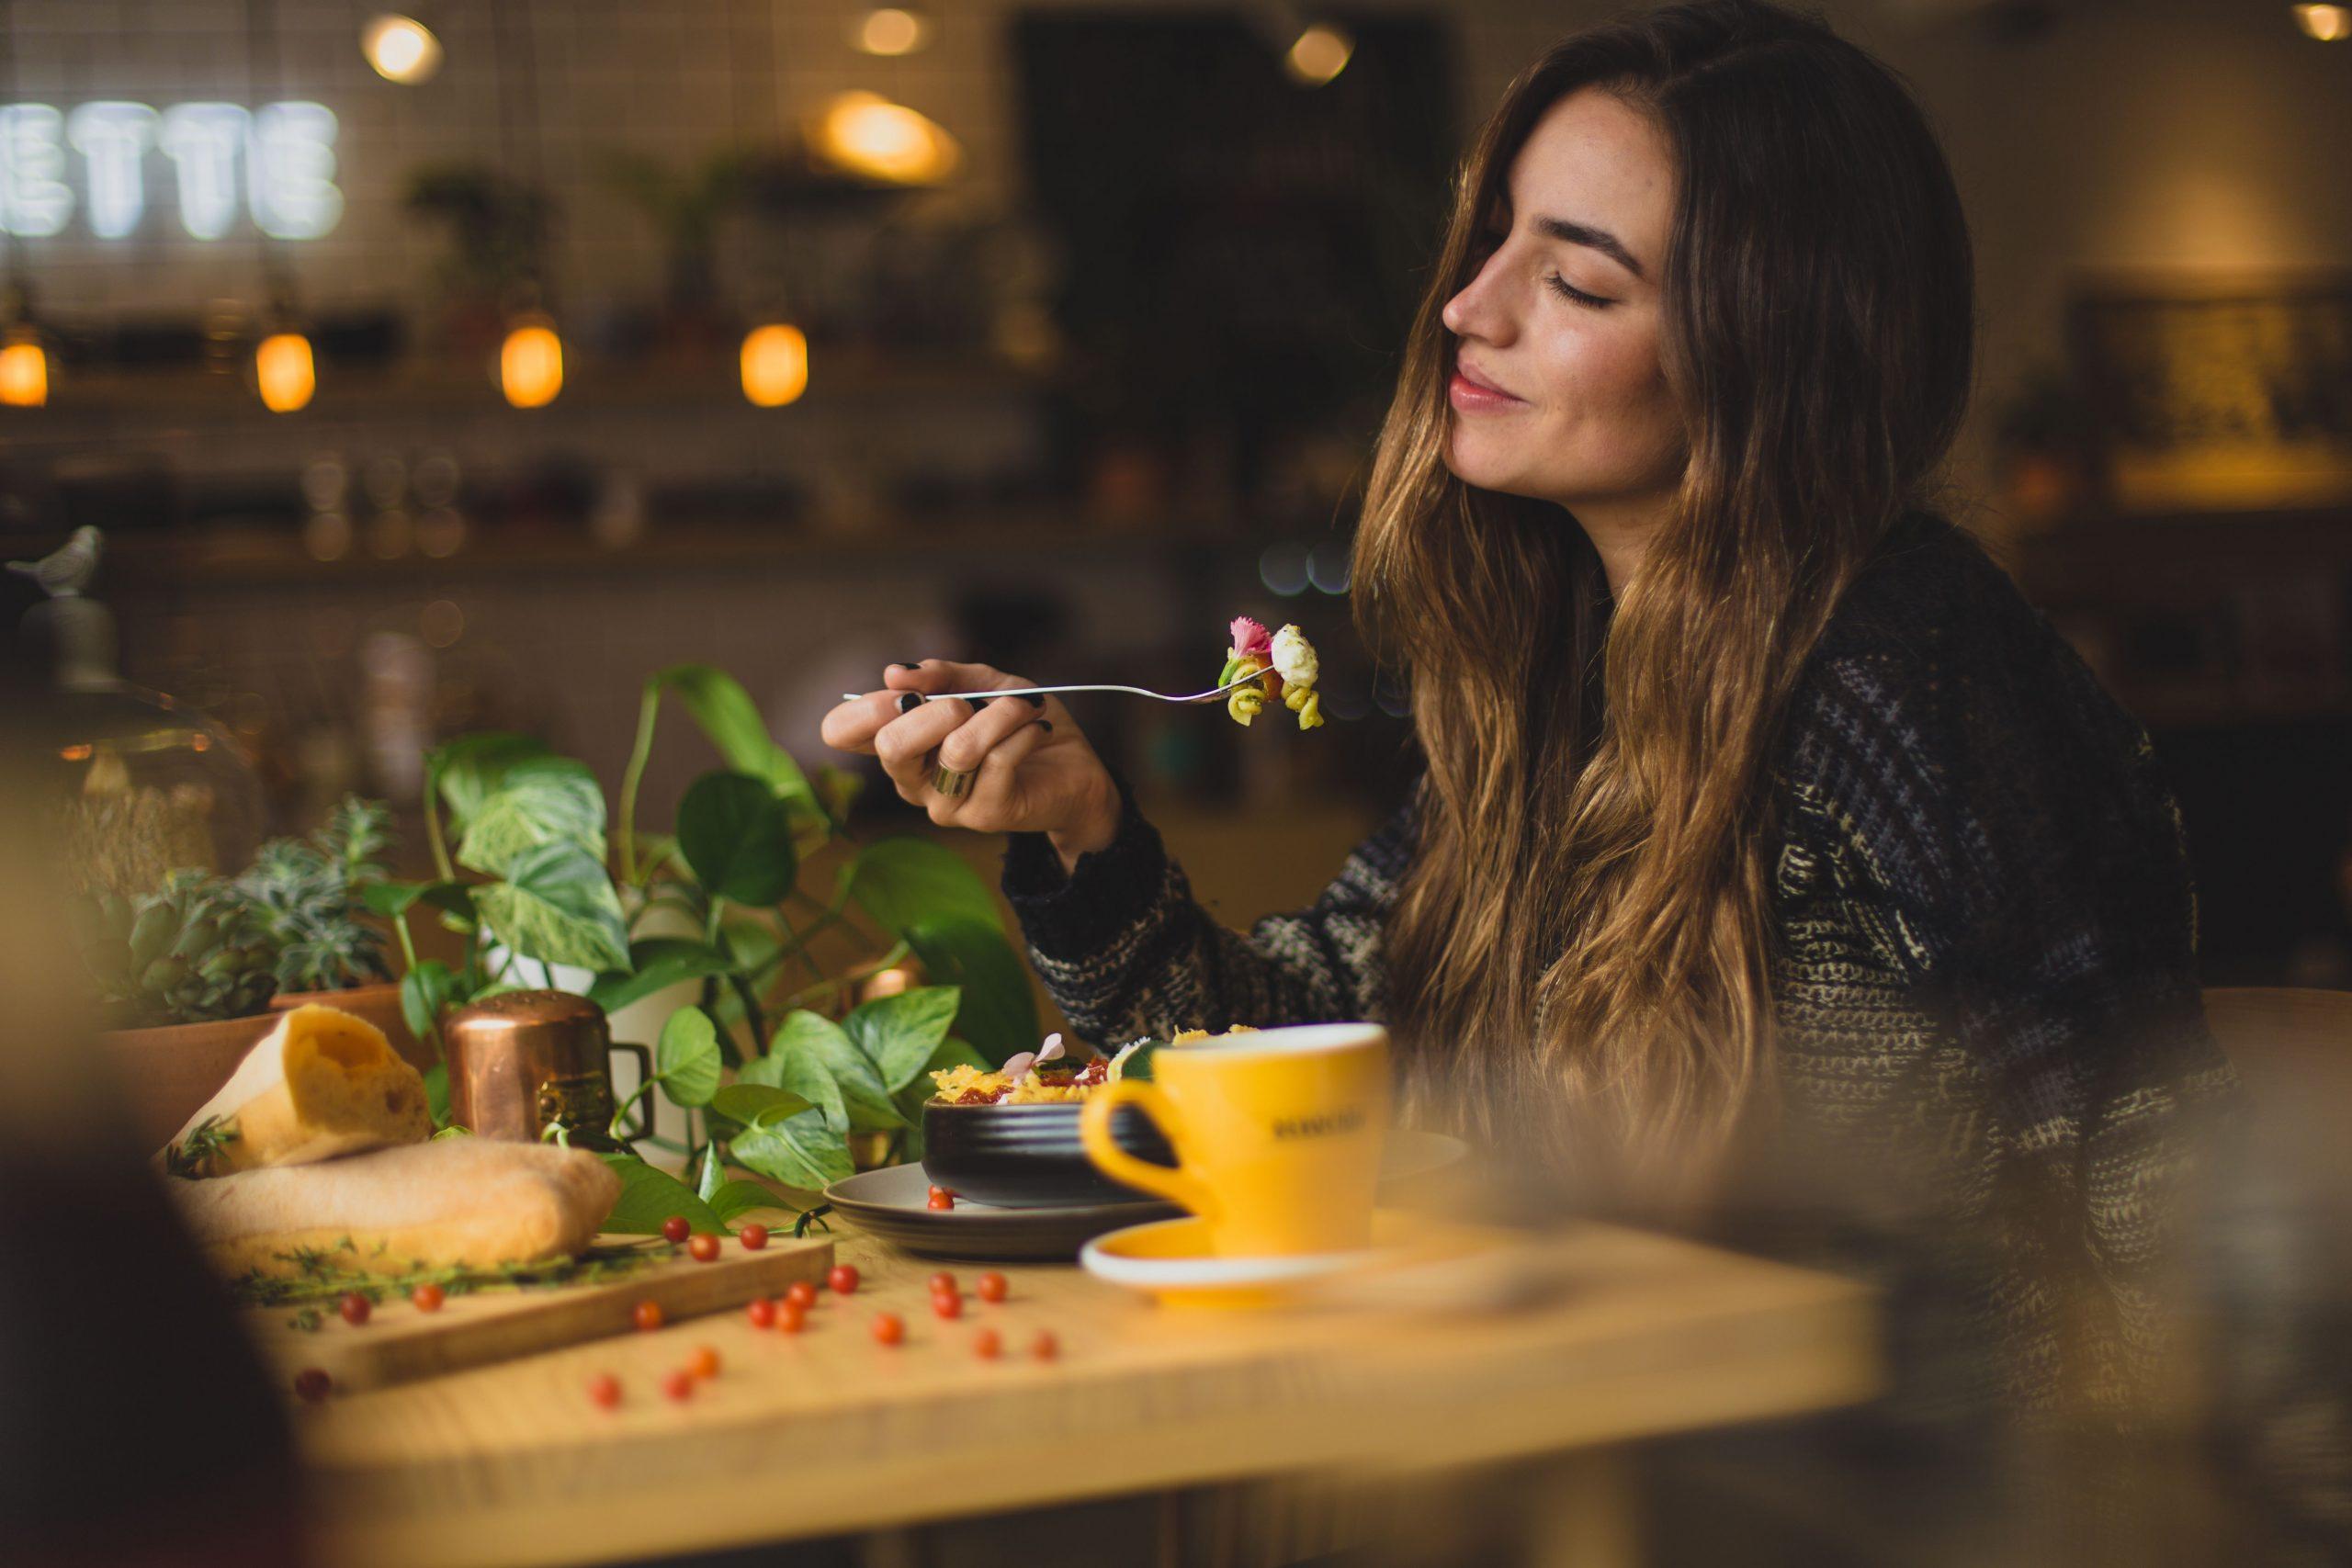 Mulher comendo uma refeição.